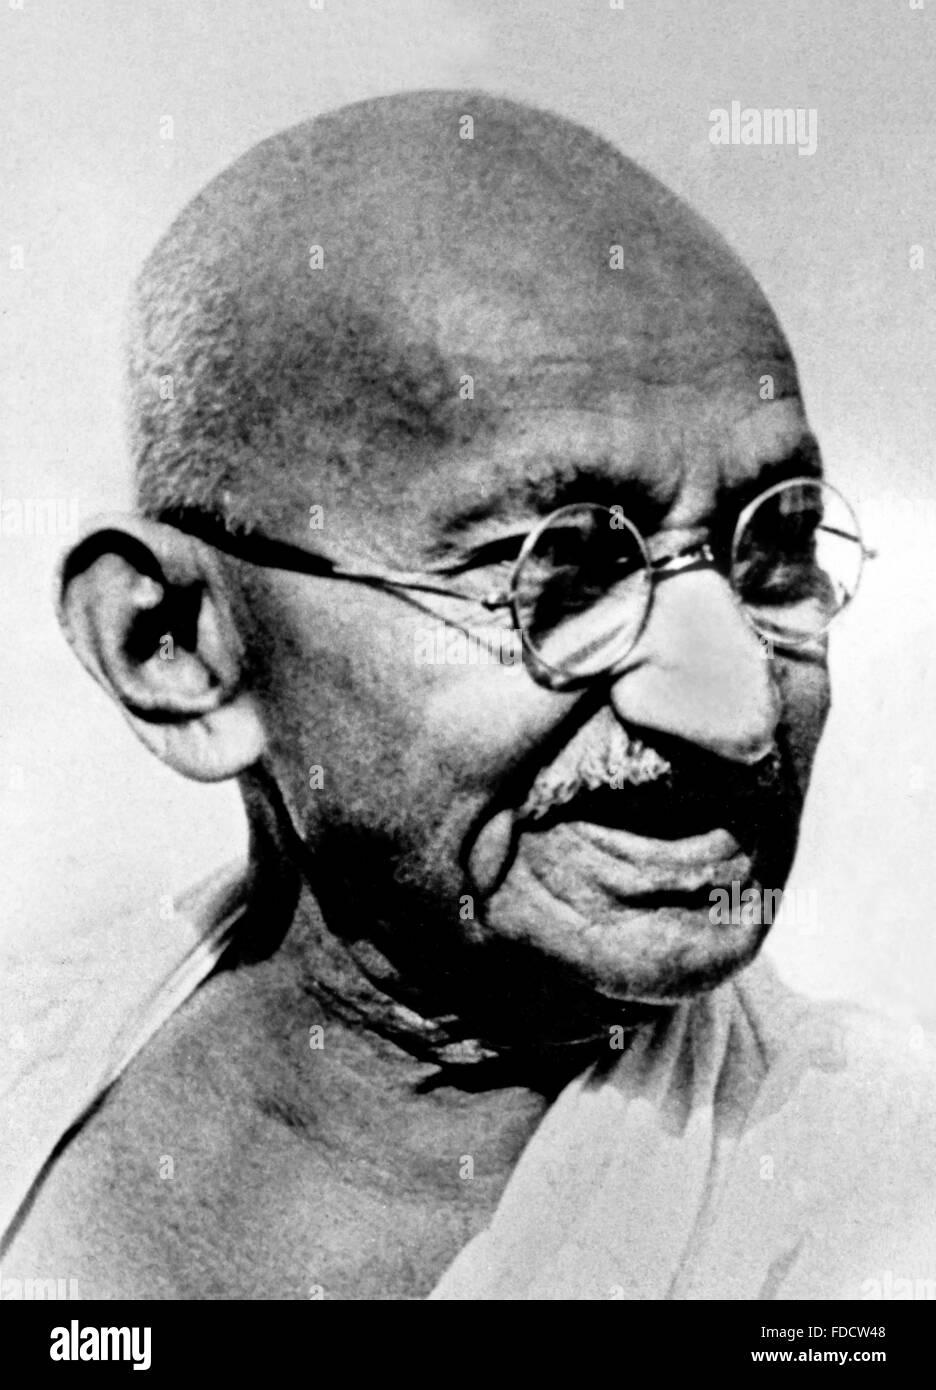 Il Mahatma Gandhi. Ritratto di Mohandas Karamchand Gandhi, ampiamente noto come il Mahatma Gandhi.fotografia più Immagini Stock